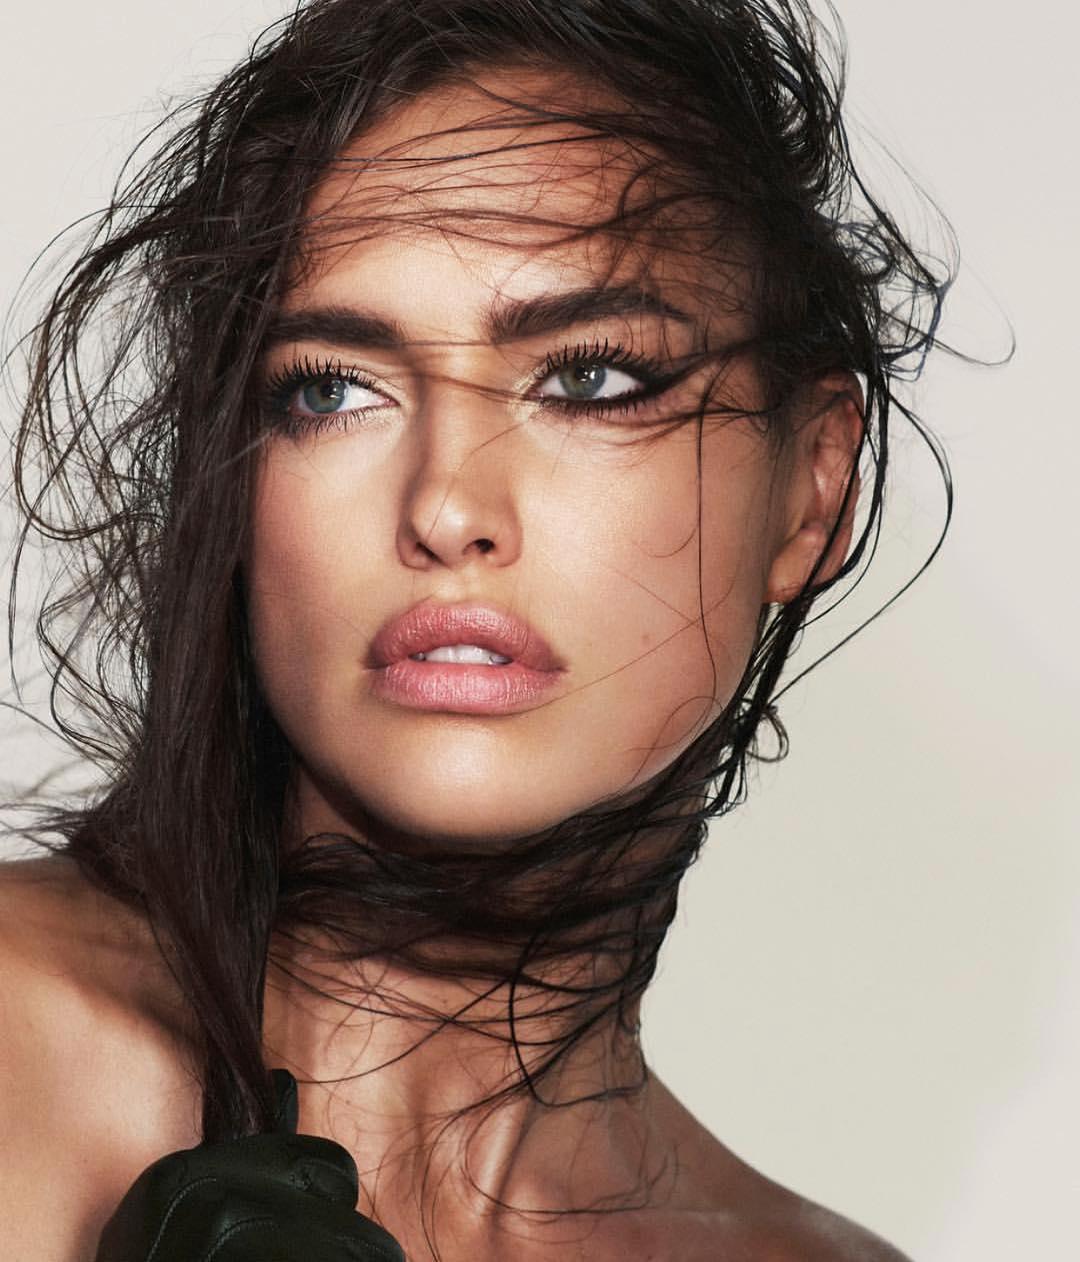 Это красиво: Ирина Шейк появилась на обложке глянца в неожиданном образе